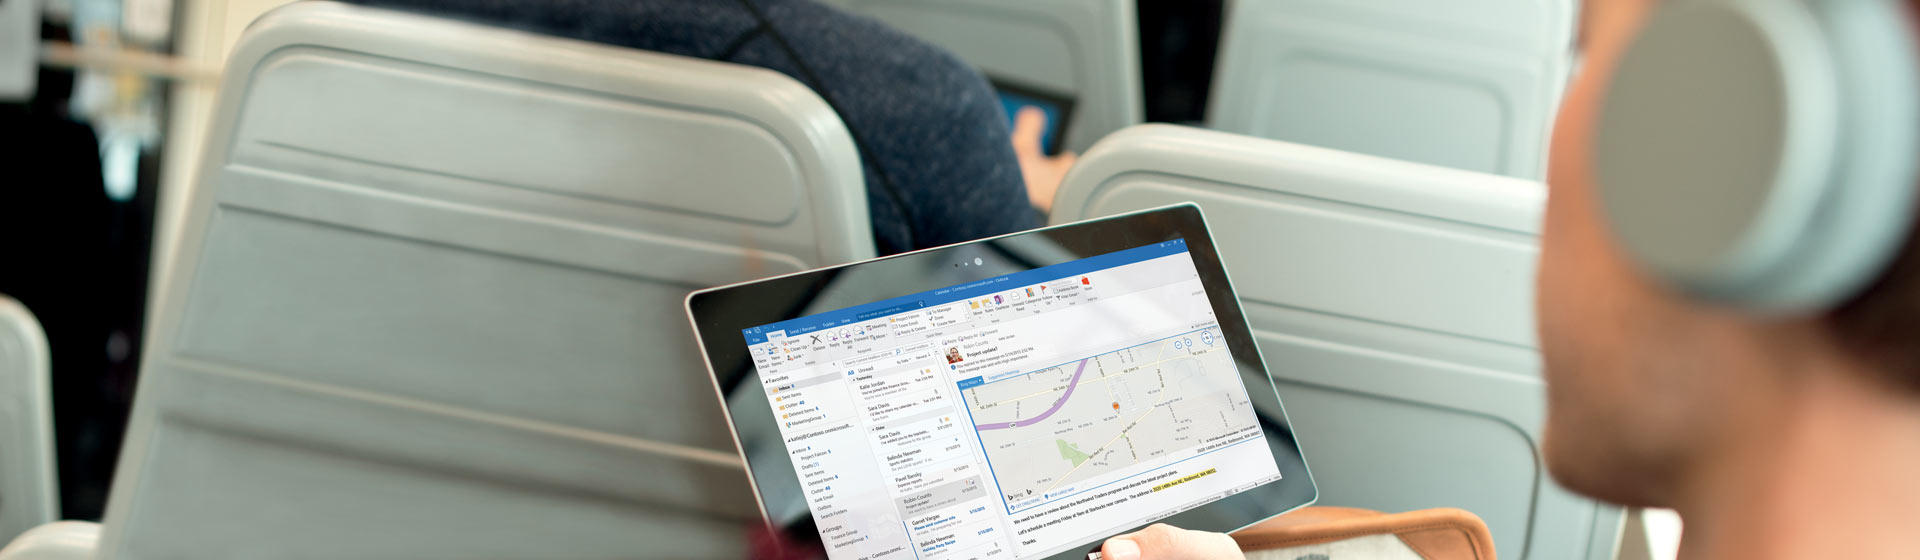 一個拿著螢幕上顯示 Office 365 電子郵件收件匣之平板電腦的男士